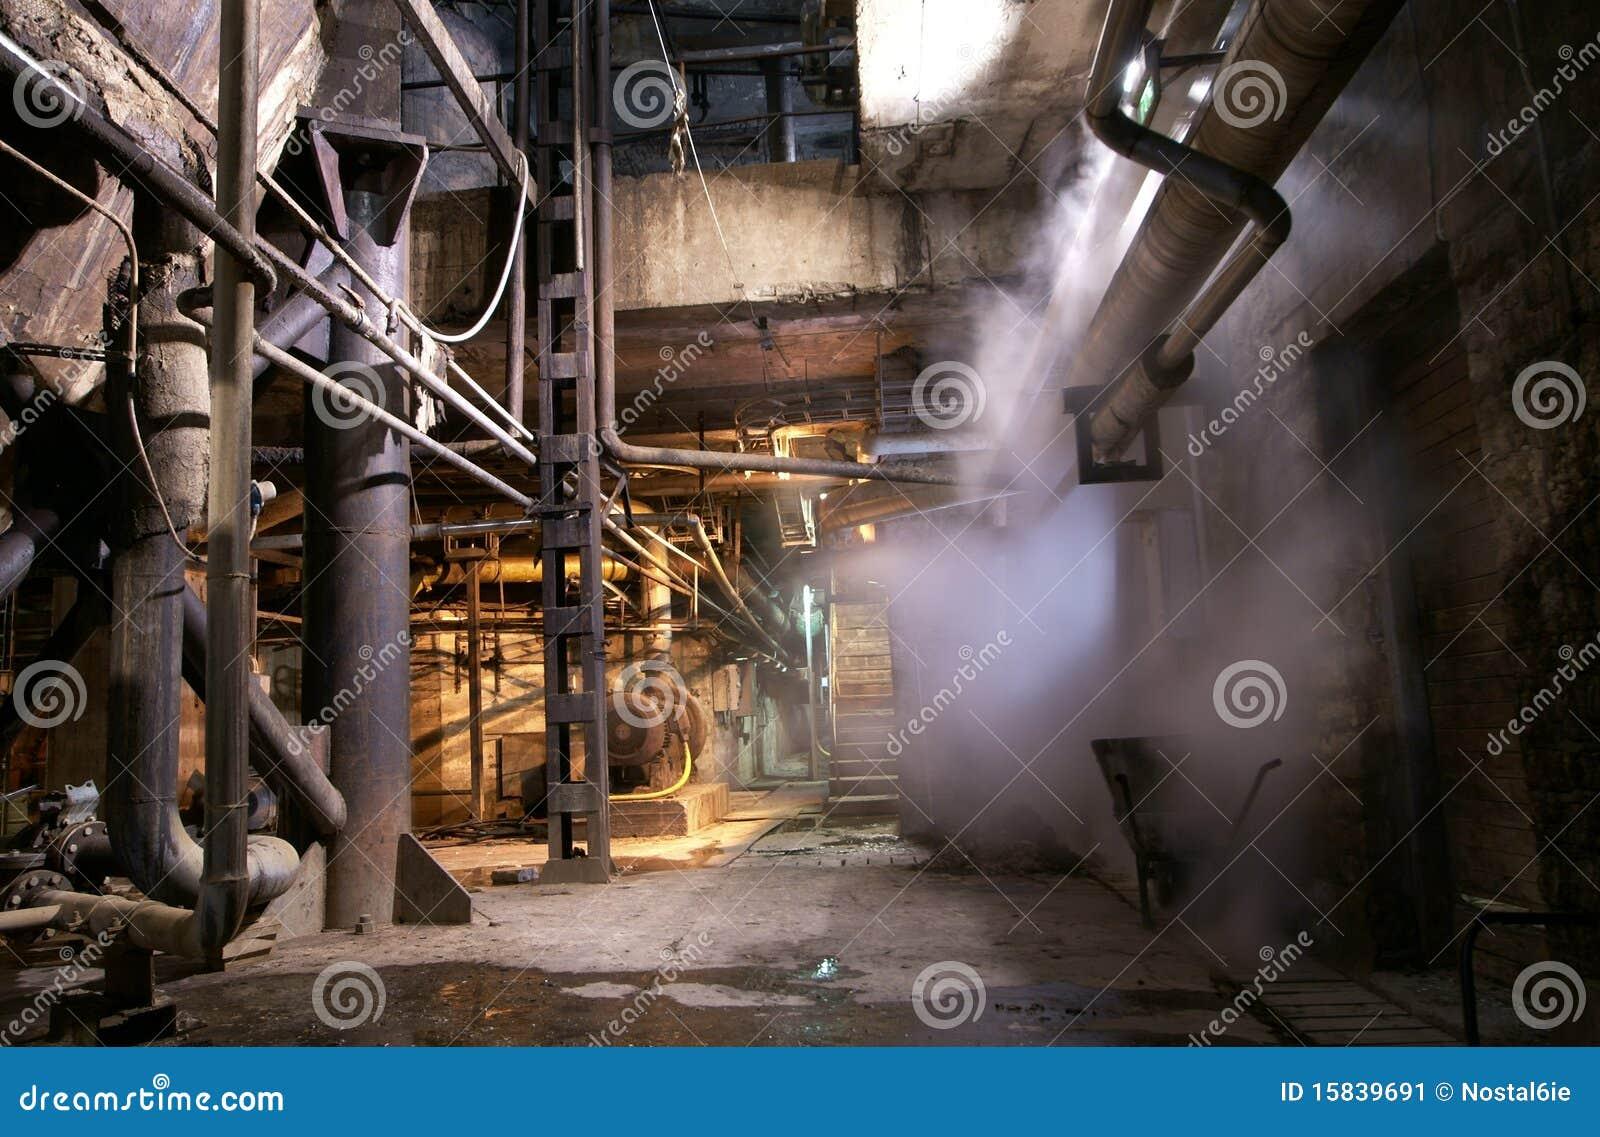 Tubo de vapor abandonado viejo de la fábrica